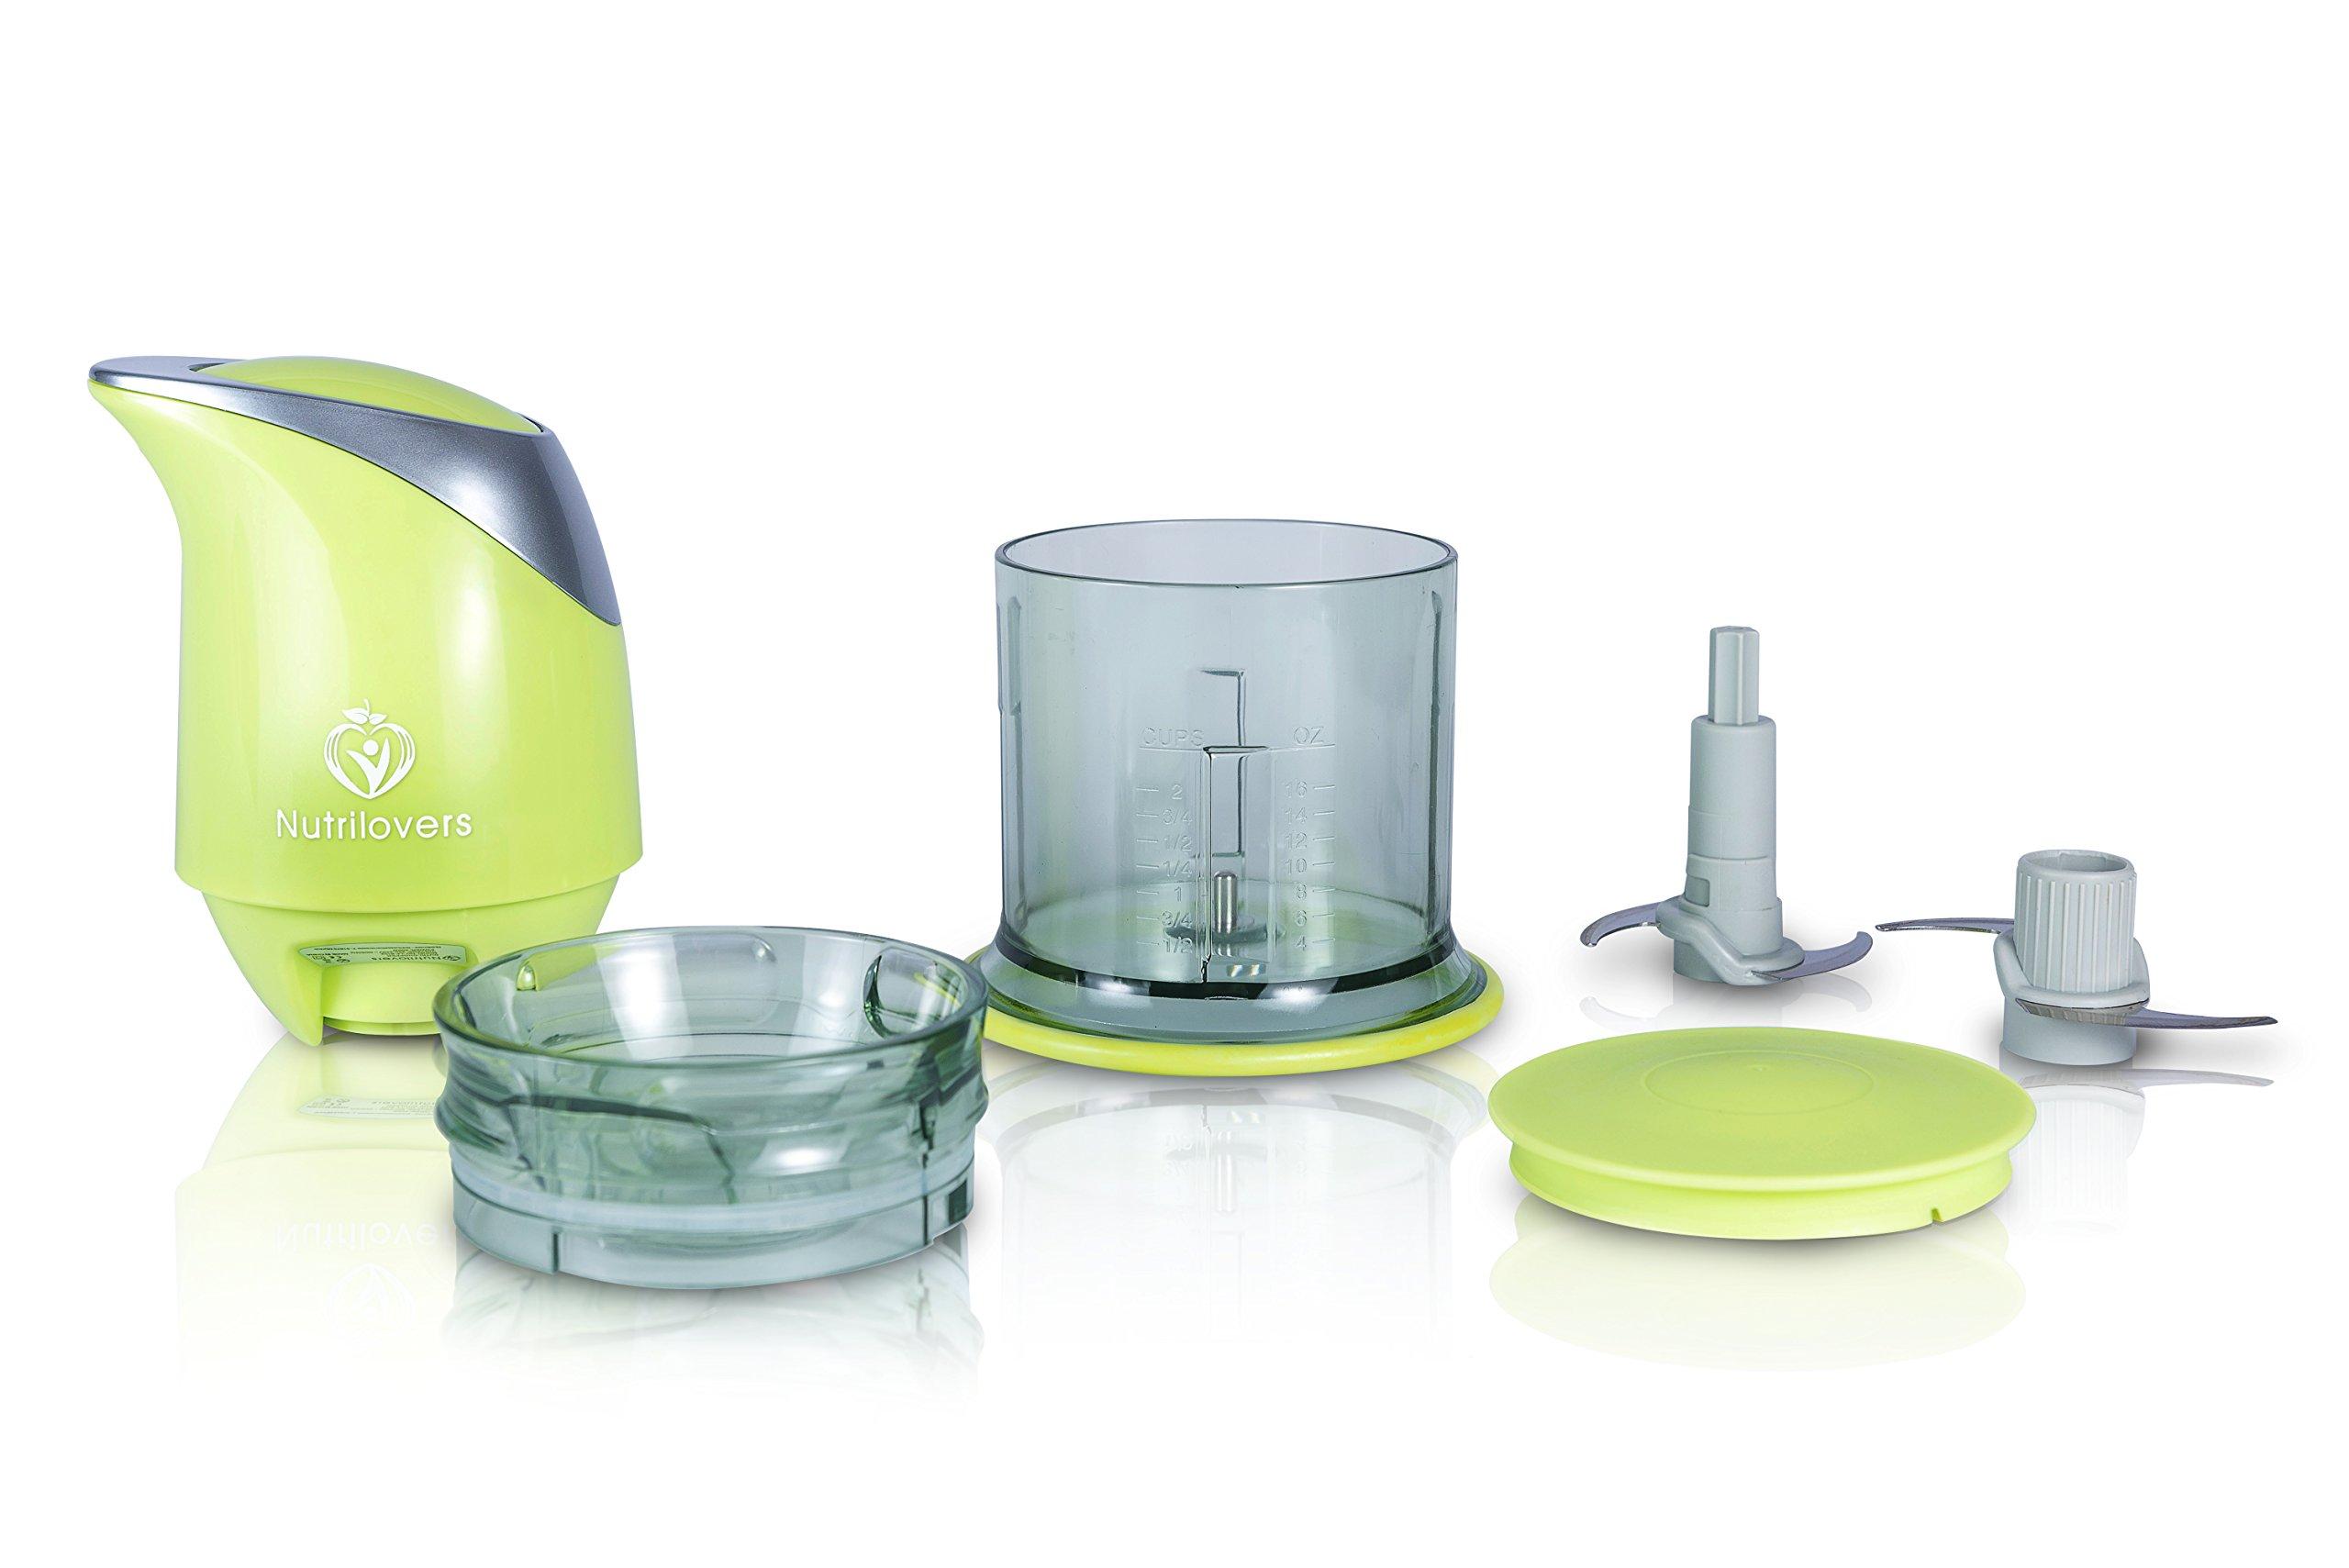 NUTRI-CHOPPER-Multizerkleinerer-elektrisch-Universalzerkleinerer-fr-Nsse-Zwiebel-Obst-Gemse-Fleisch-400-Watt-Zerkleinerer-4-Klingen-Edelstahl-Mixbehlter-500ml